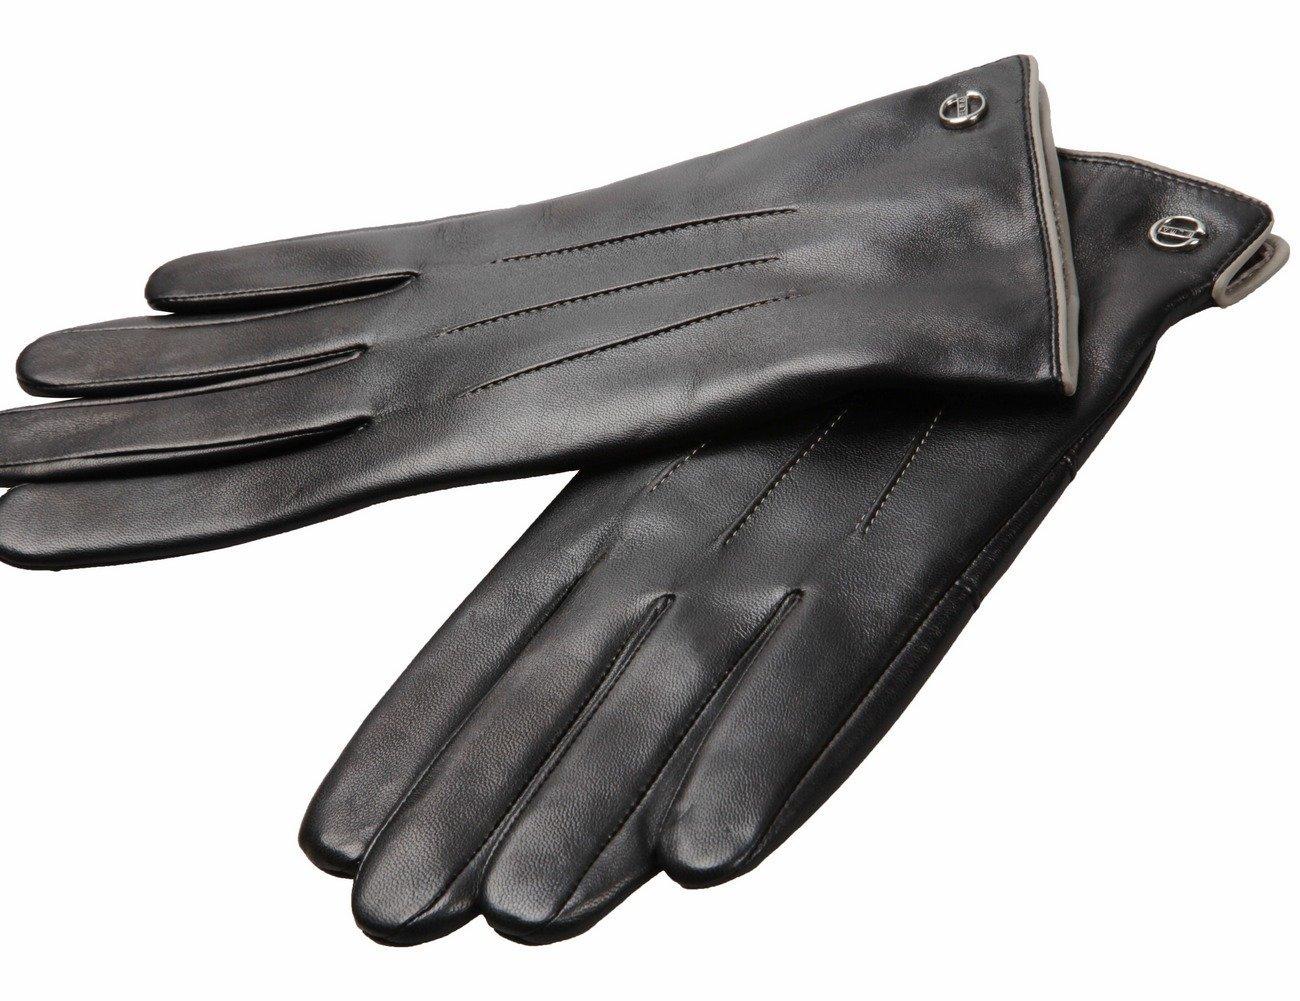 Touchscreen Handschuhe: So könnt ihr euer Smartphone auch